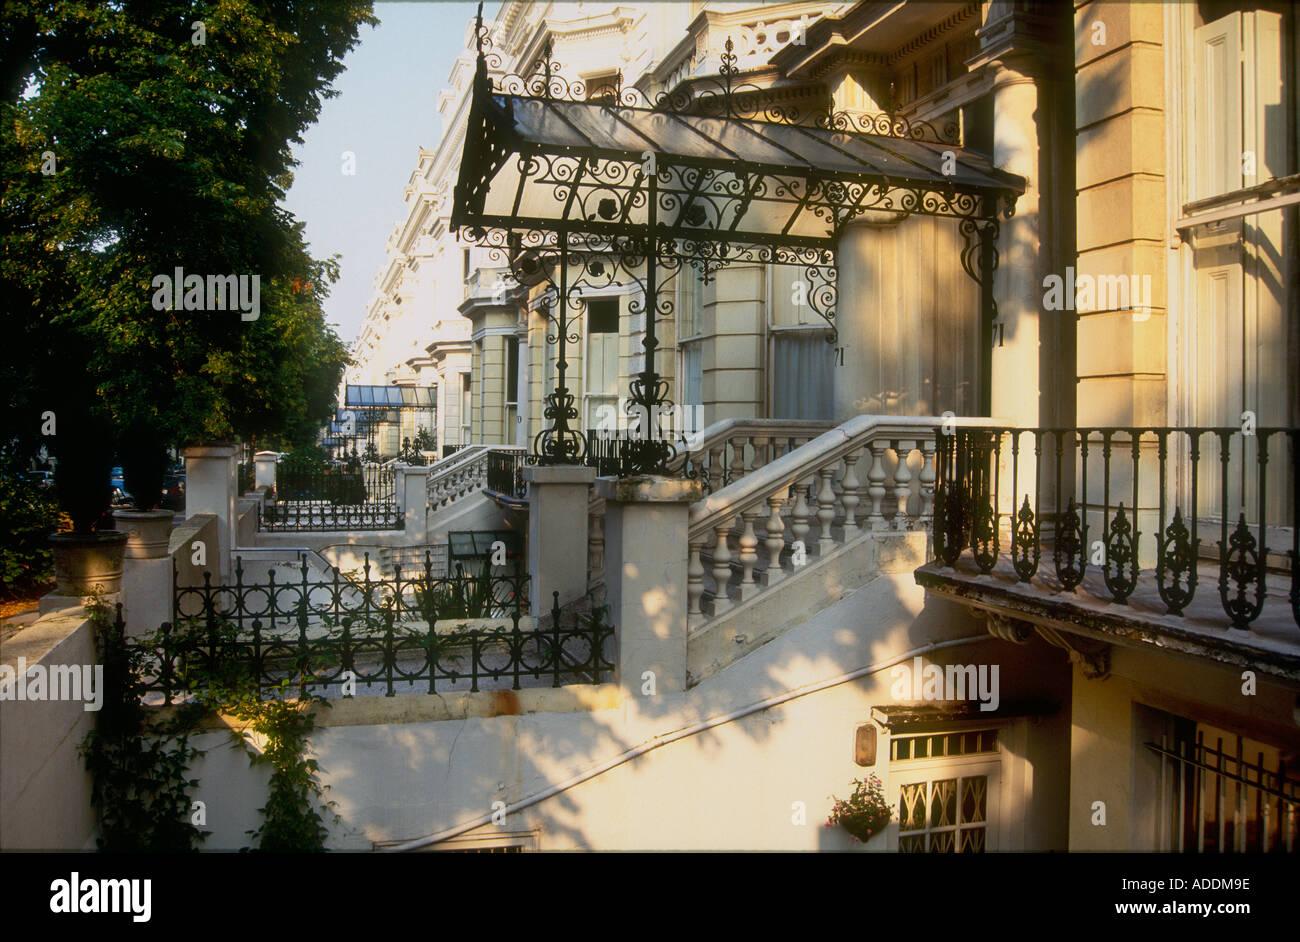 gro e reiche periode villen 1860 s viktorianischen h user holland park in london mit. Black Bedroom Furniture Sets. Home Design Ideas